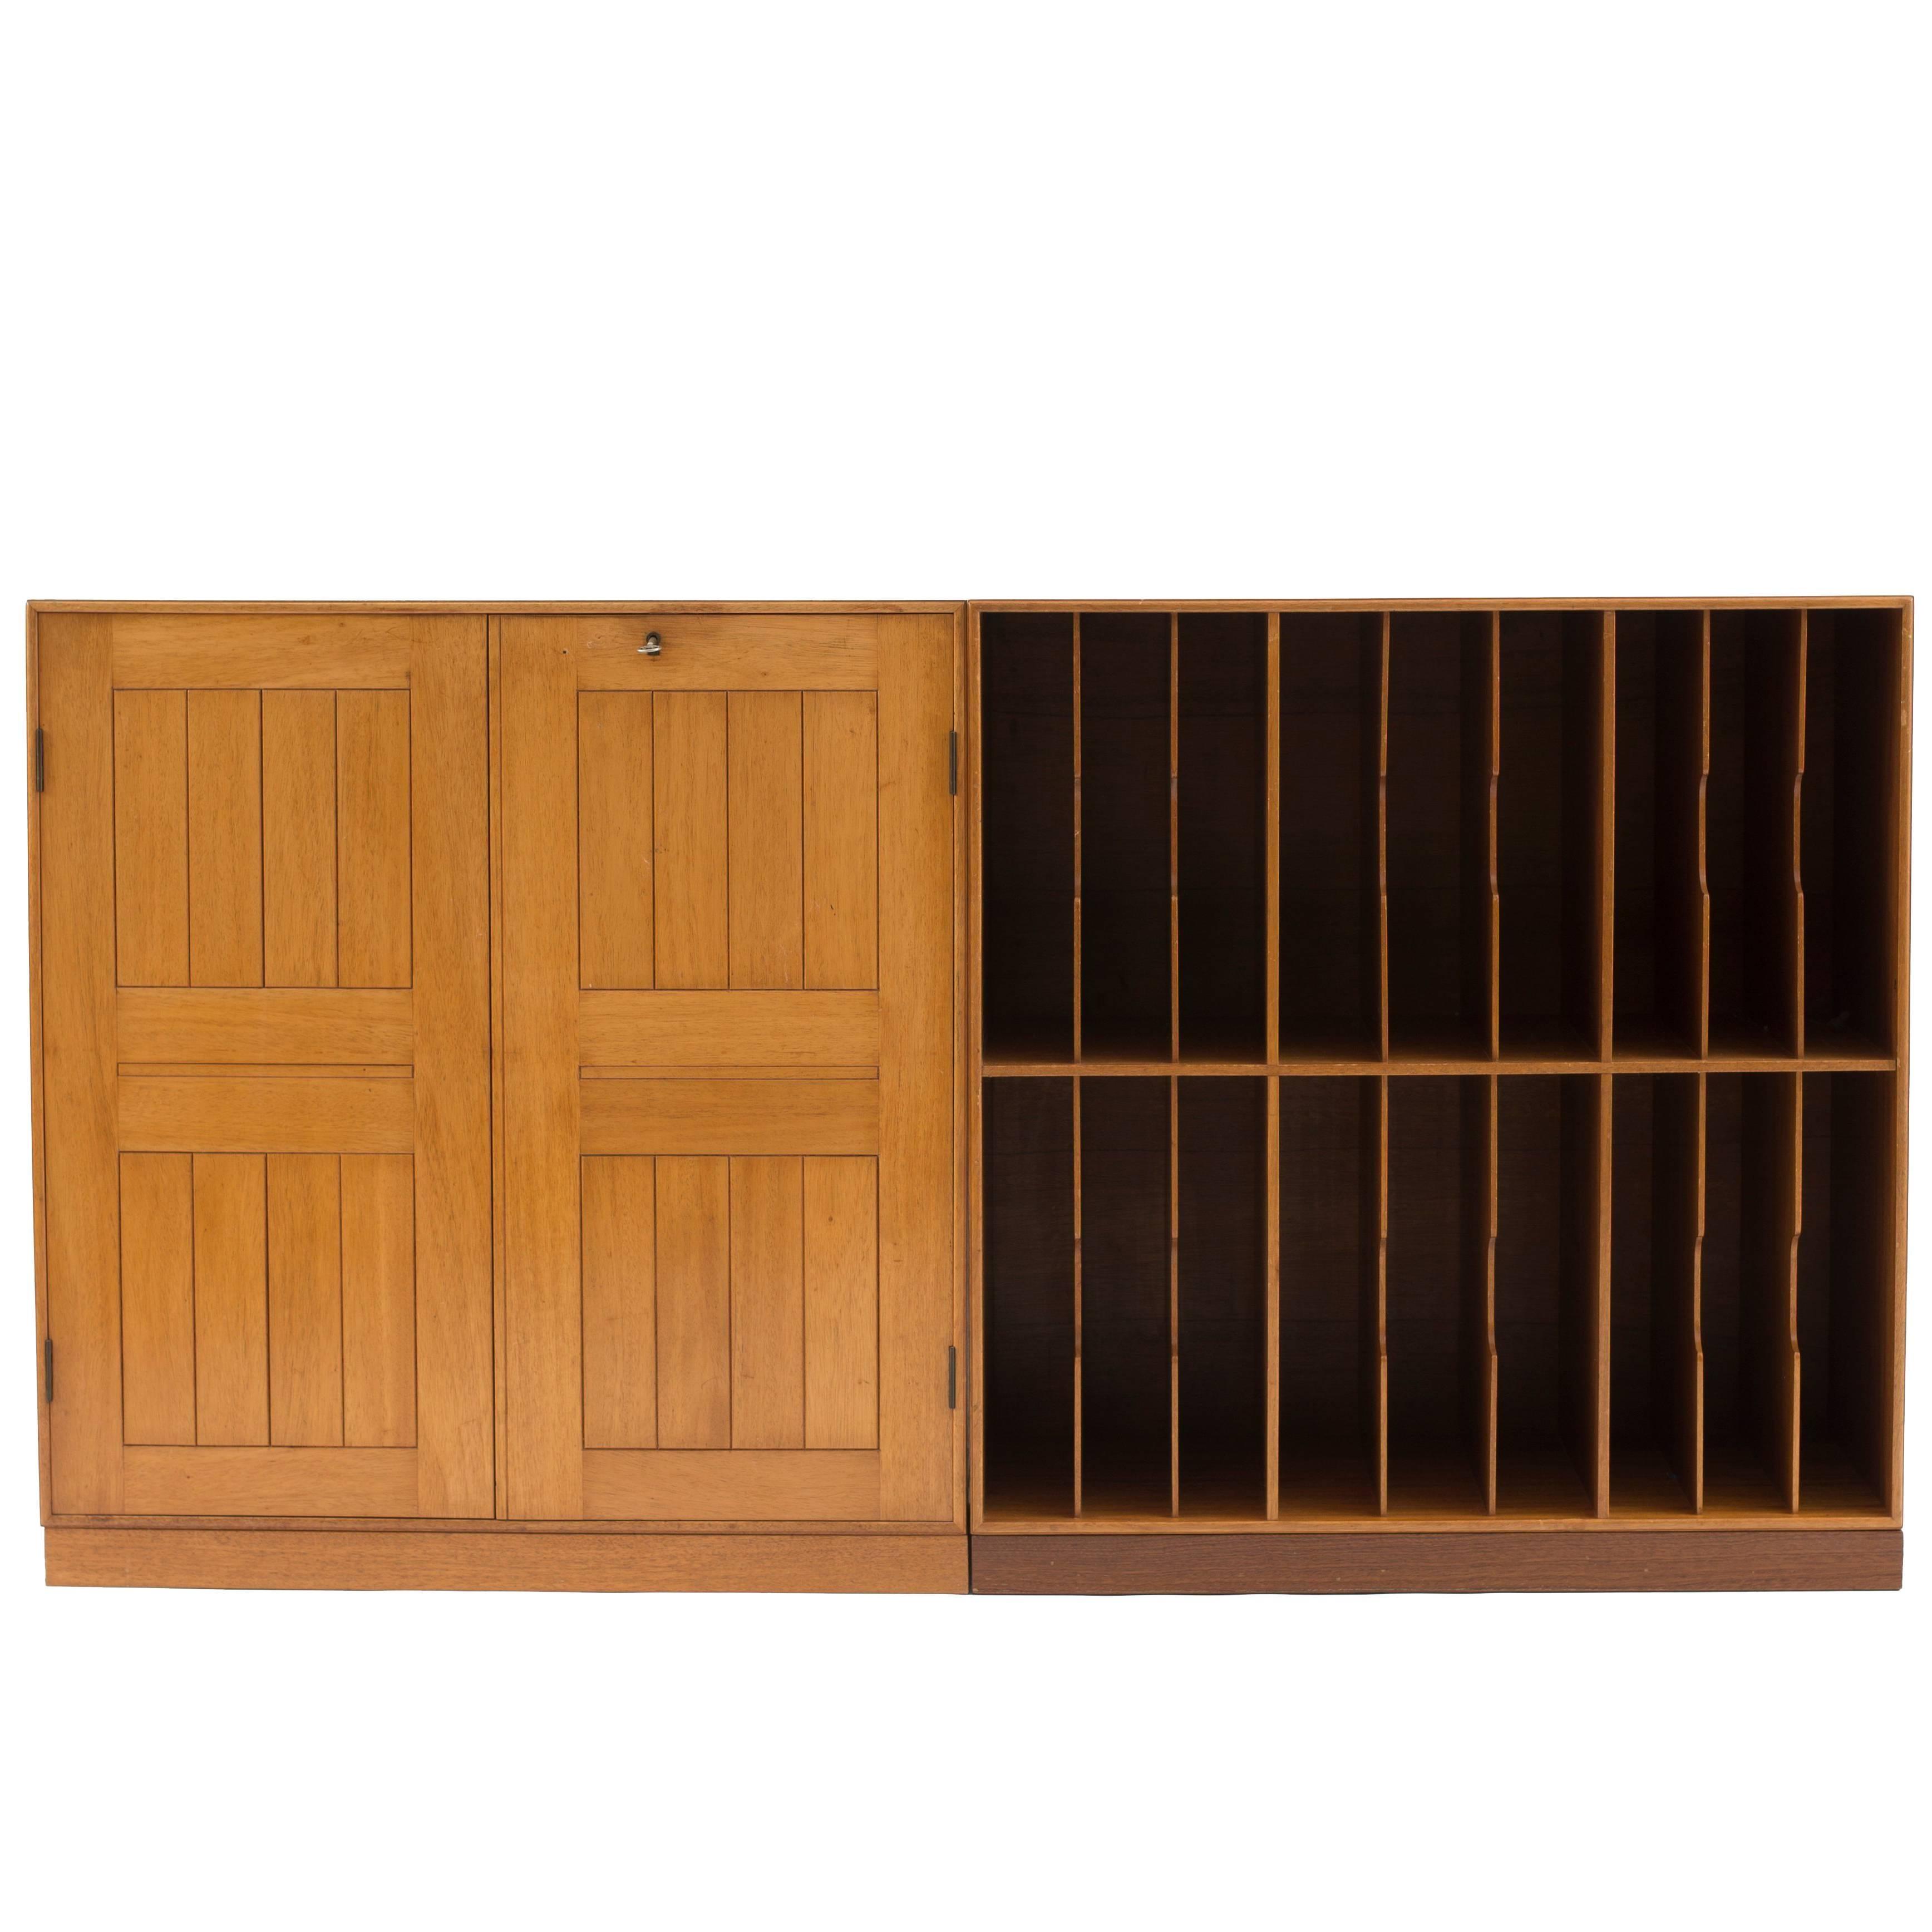 Mogens Koch Cabinets in Mahogany for Rud. Rasmussen